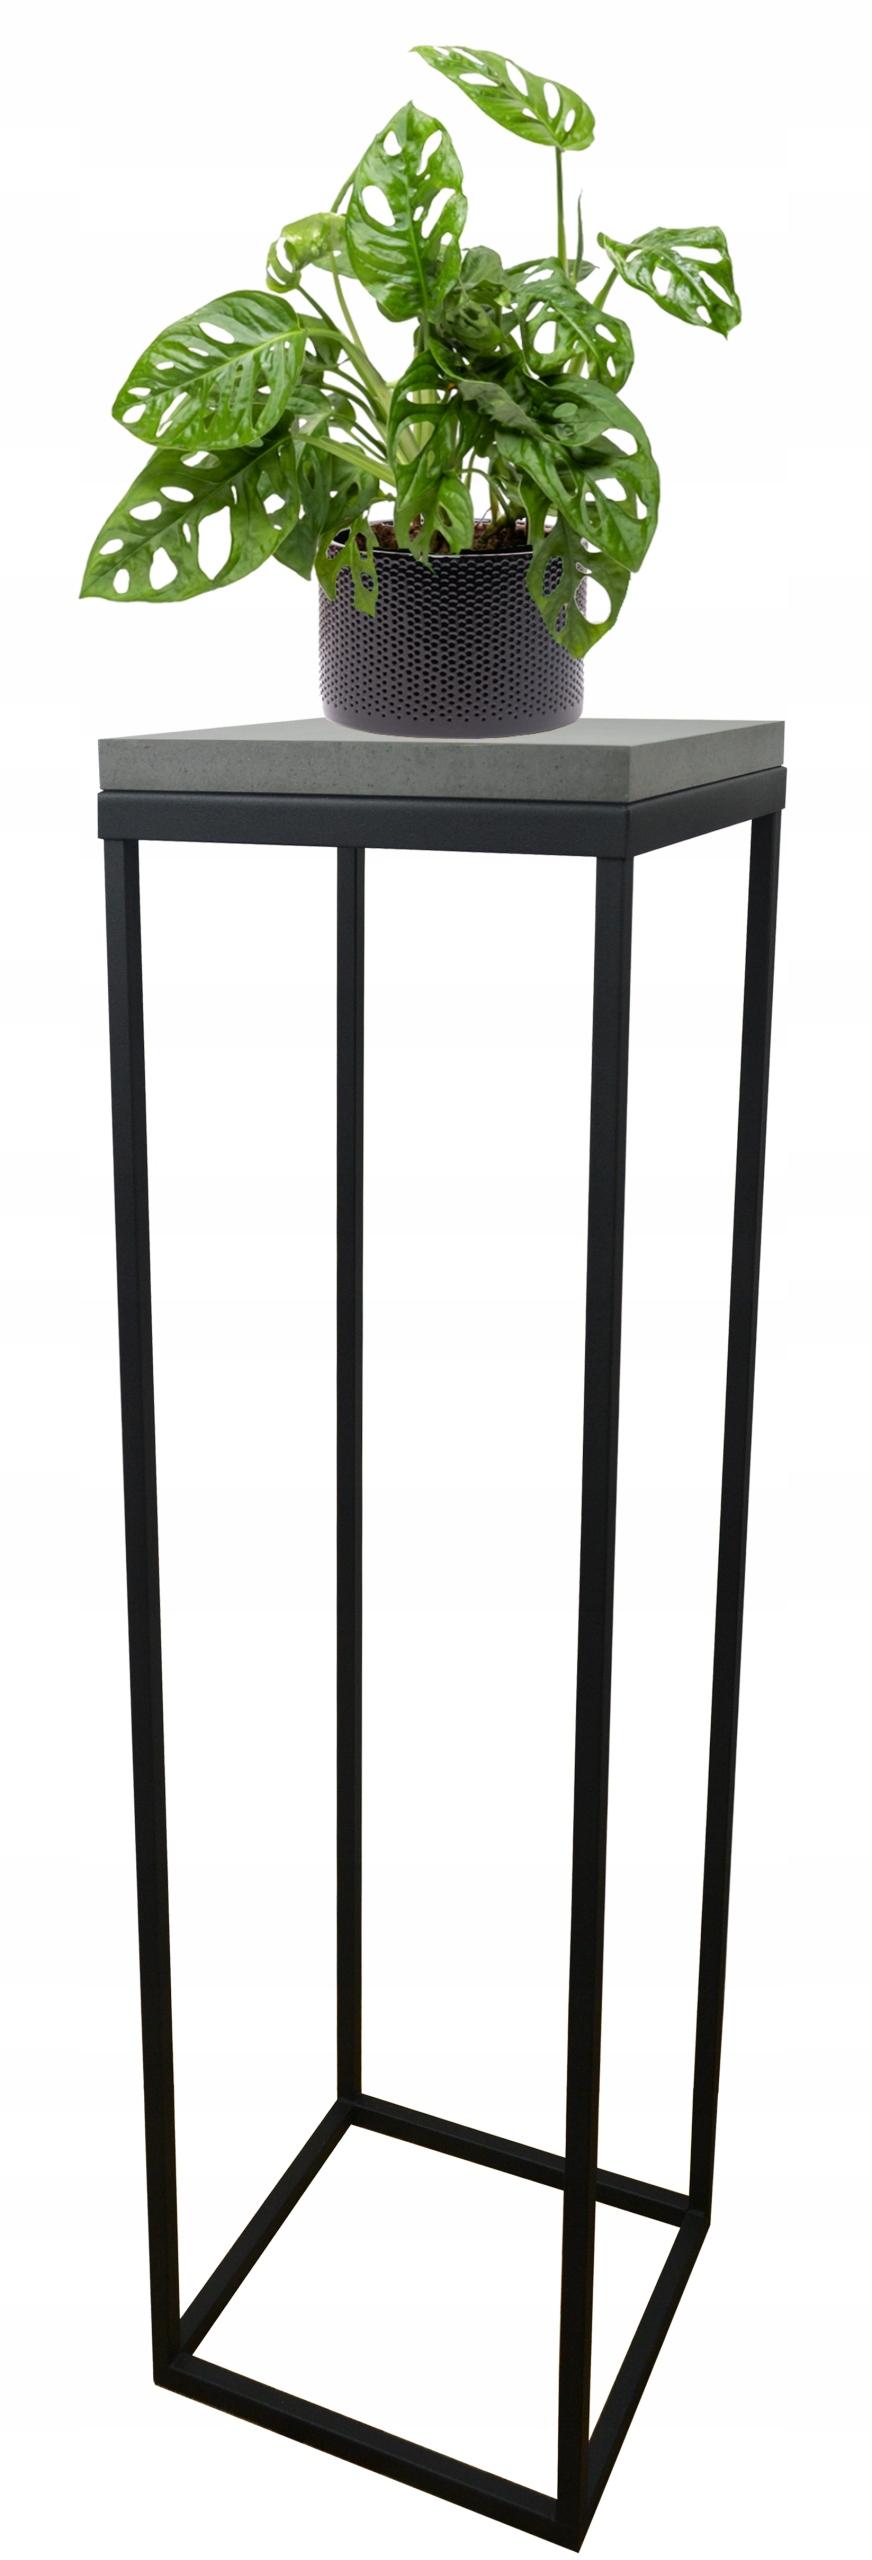 Клумба металлическая loft black столешница Dark Concrete 70см